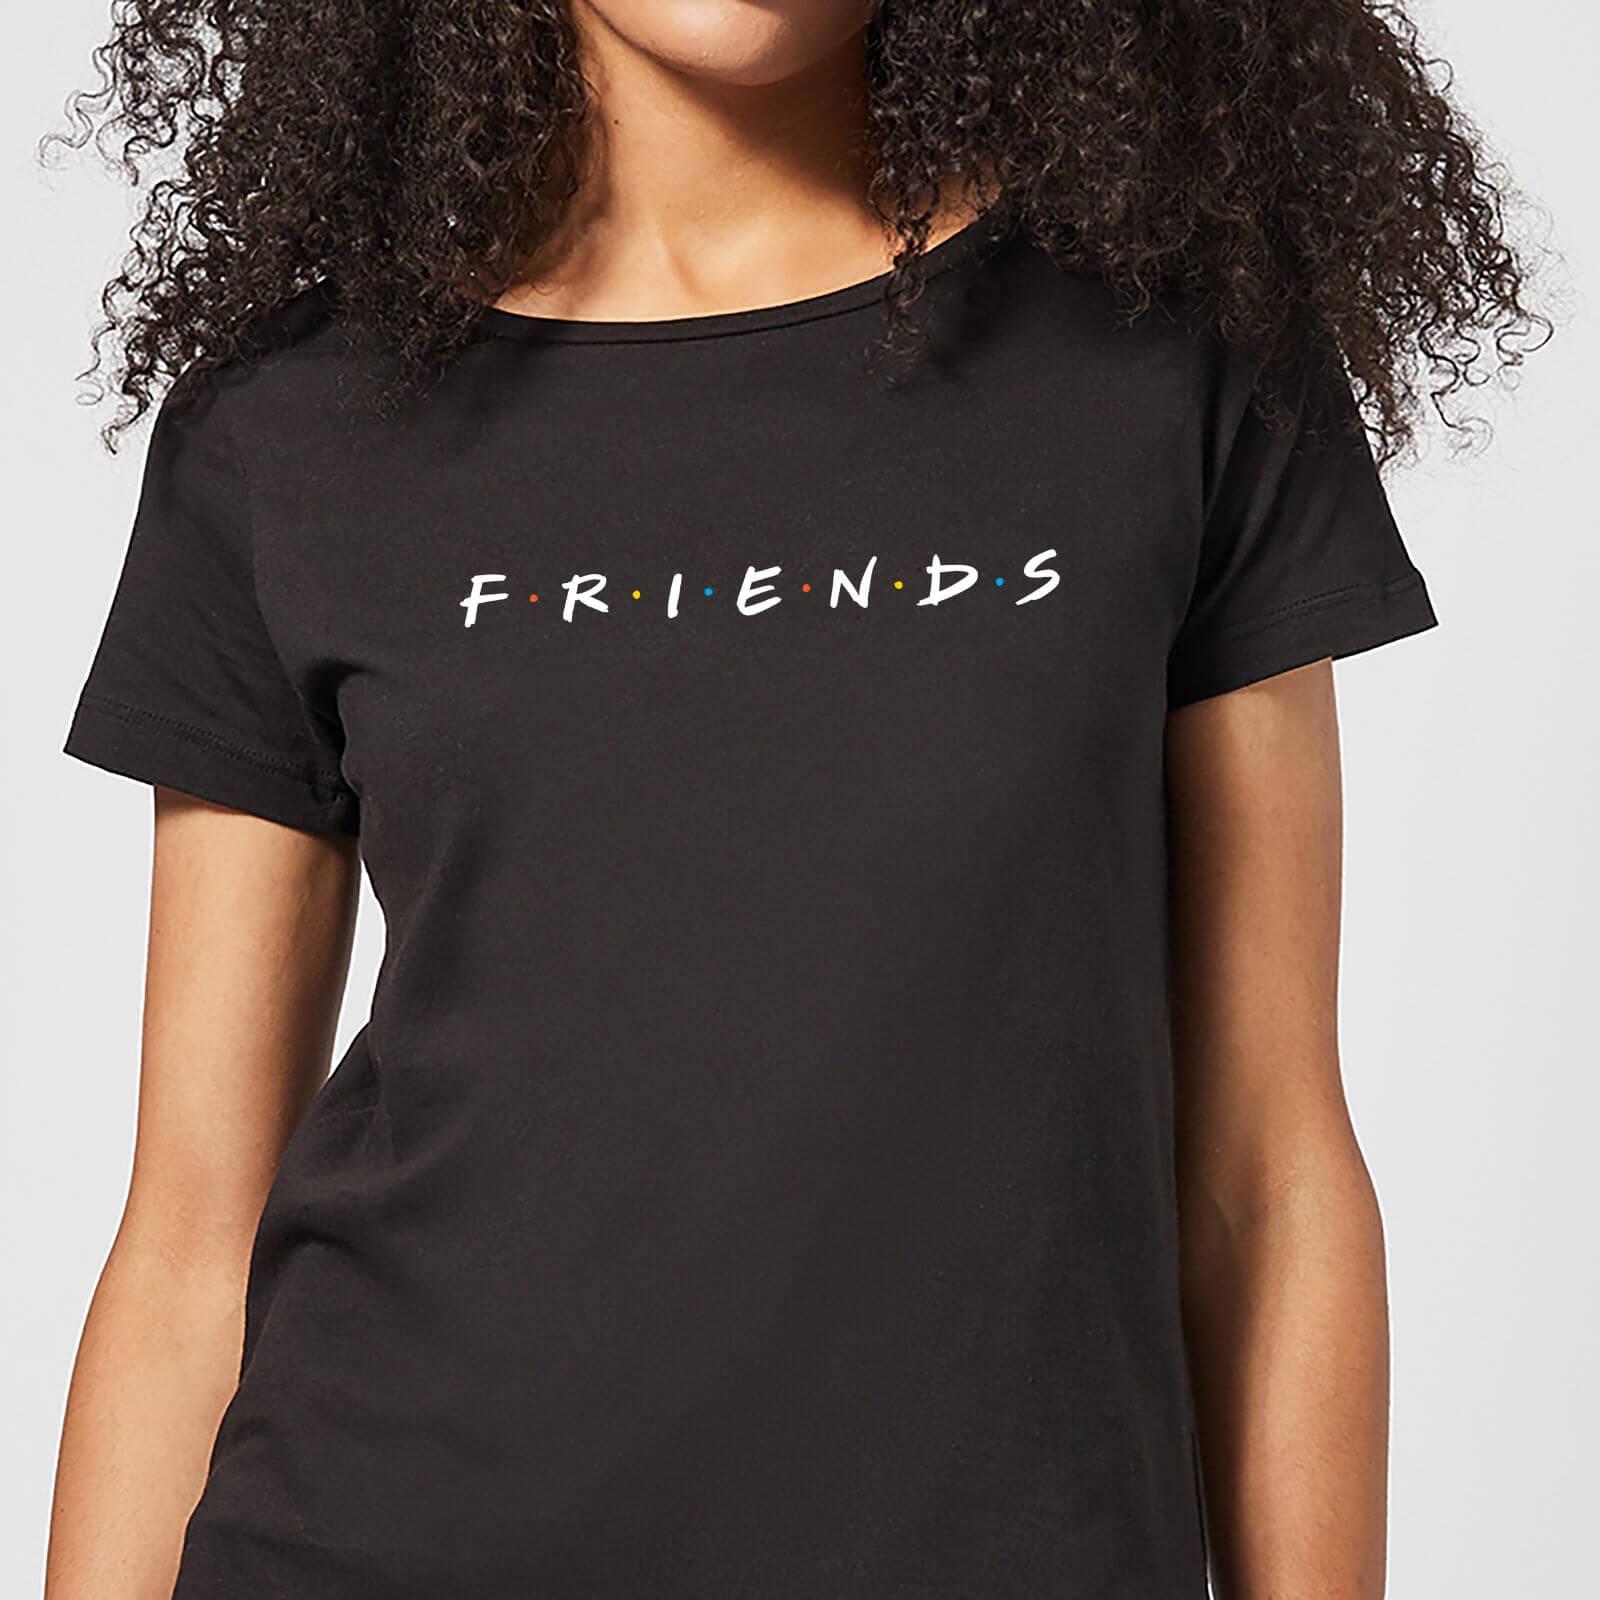 mayor selección de 2019 Cantidad limitada nueva apariencia Camiseta Friends Logo - Mujer - Negro